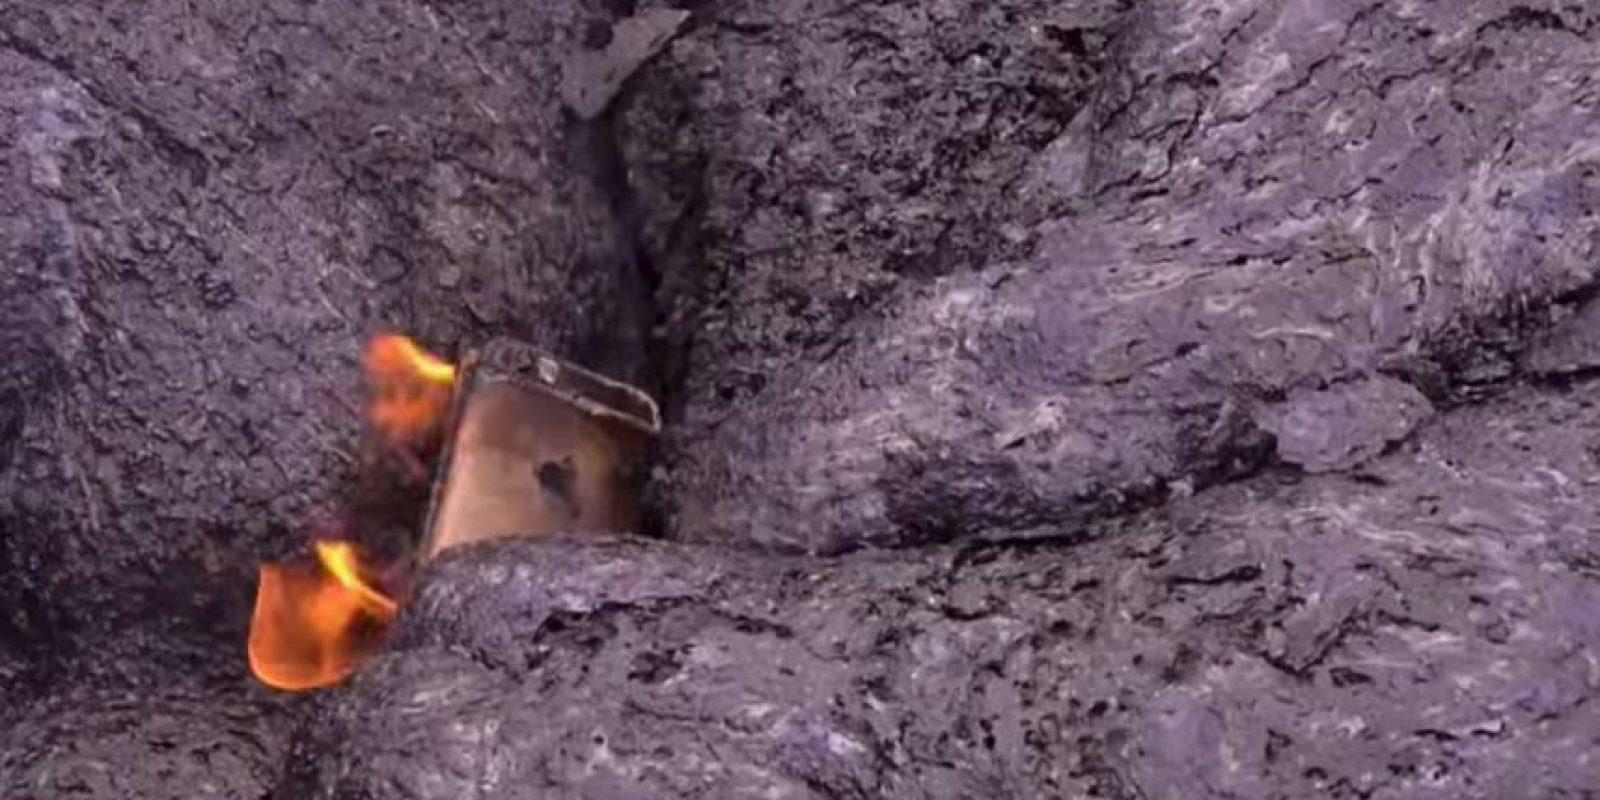 Después de un momento de resistencia, el dispositivo arde en llamas Foto:YouTube/TechRax